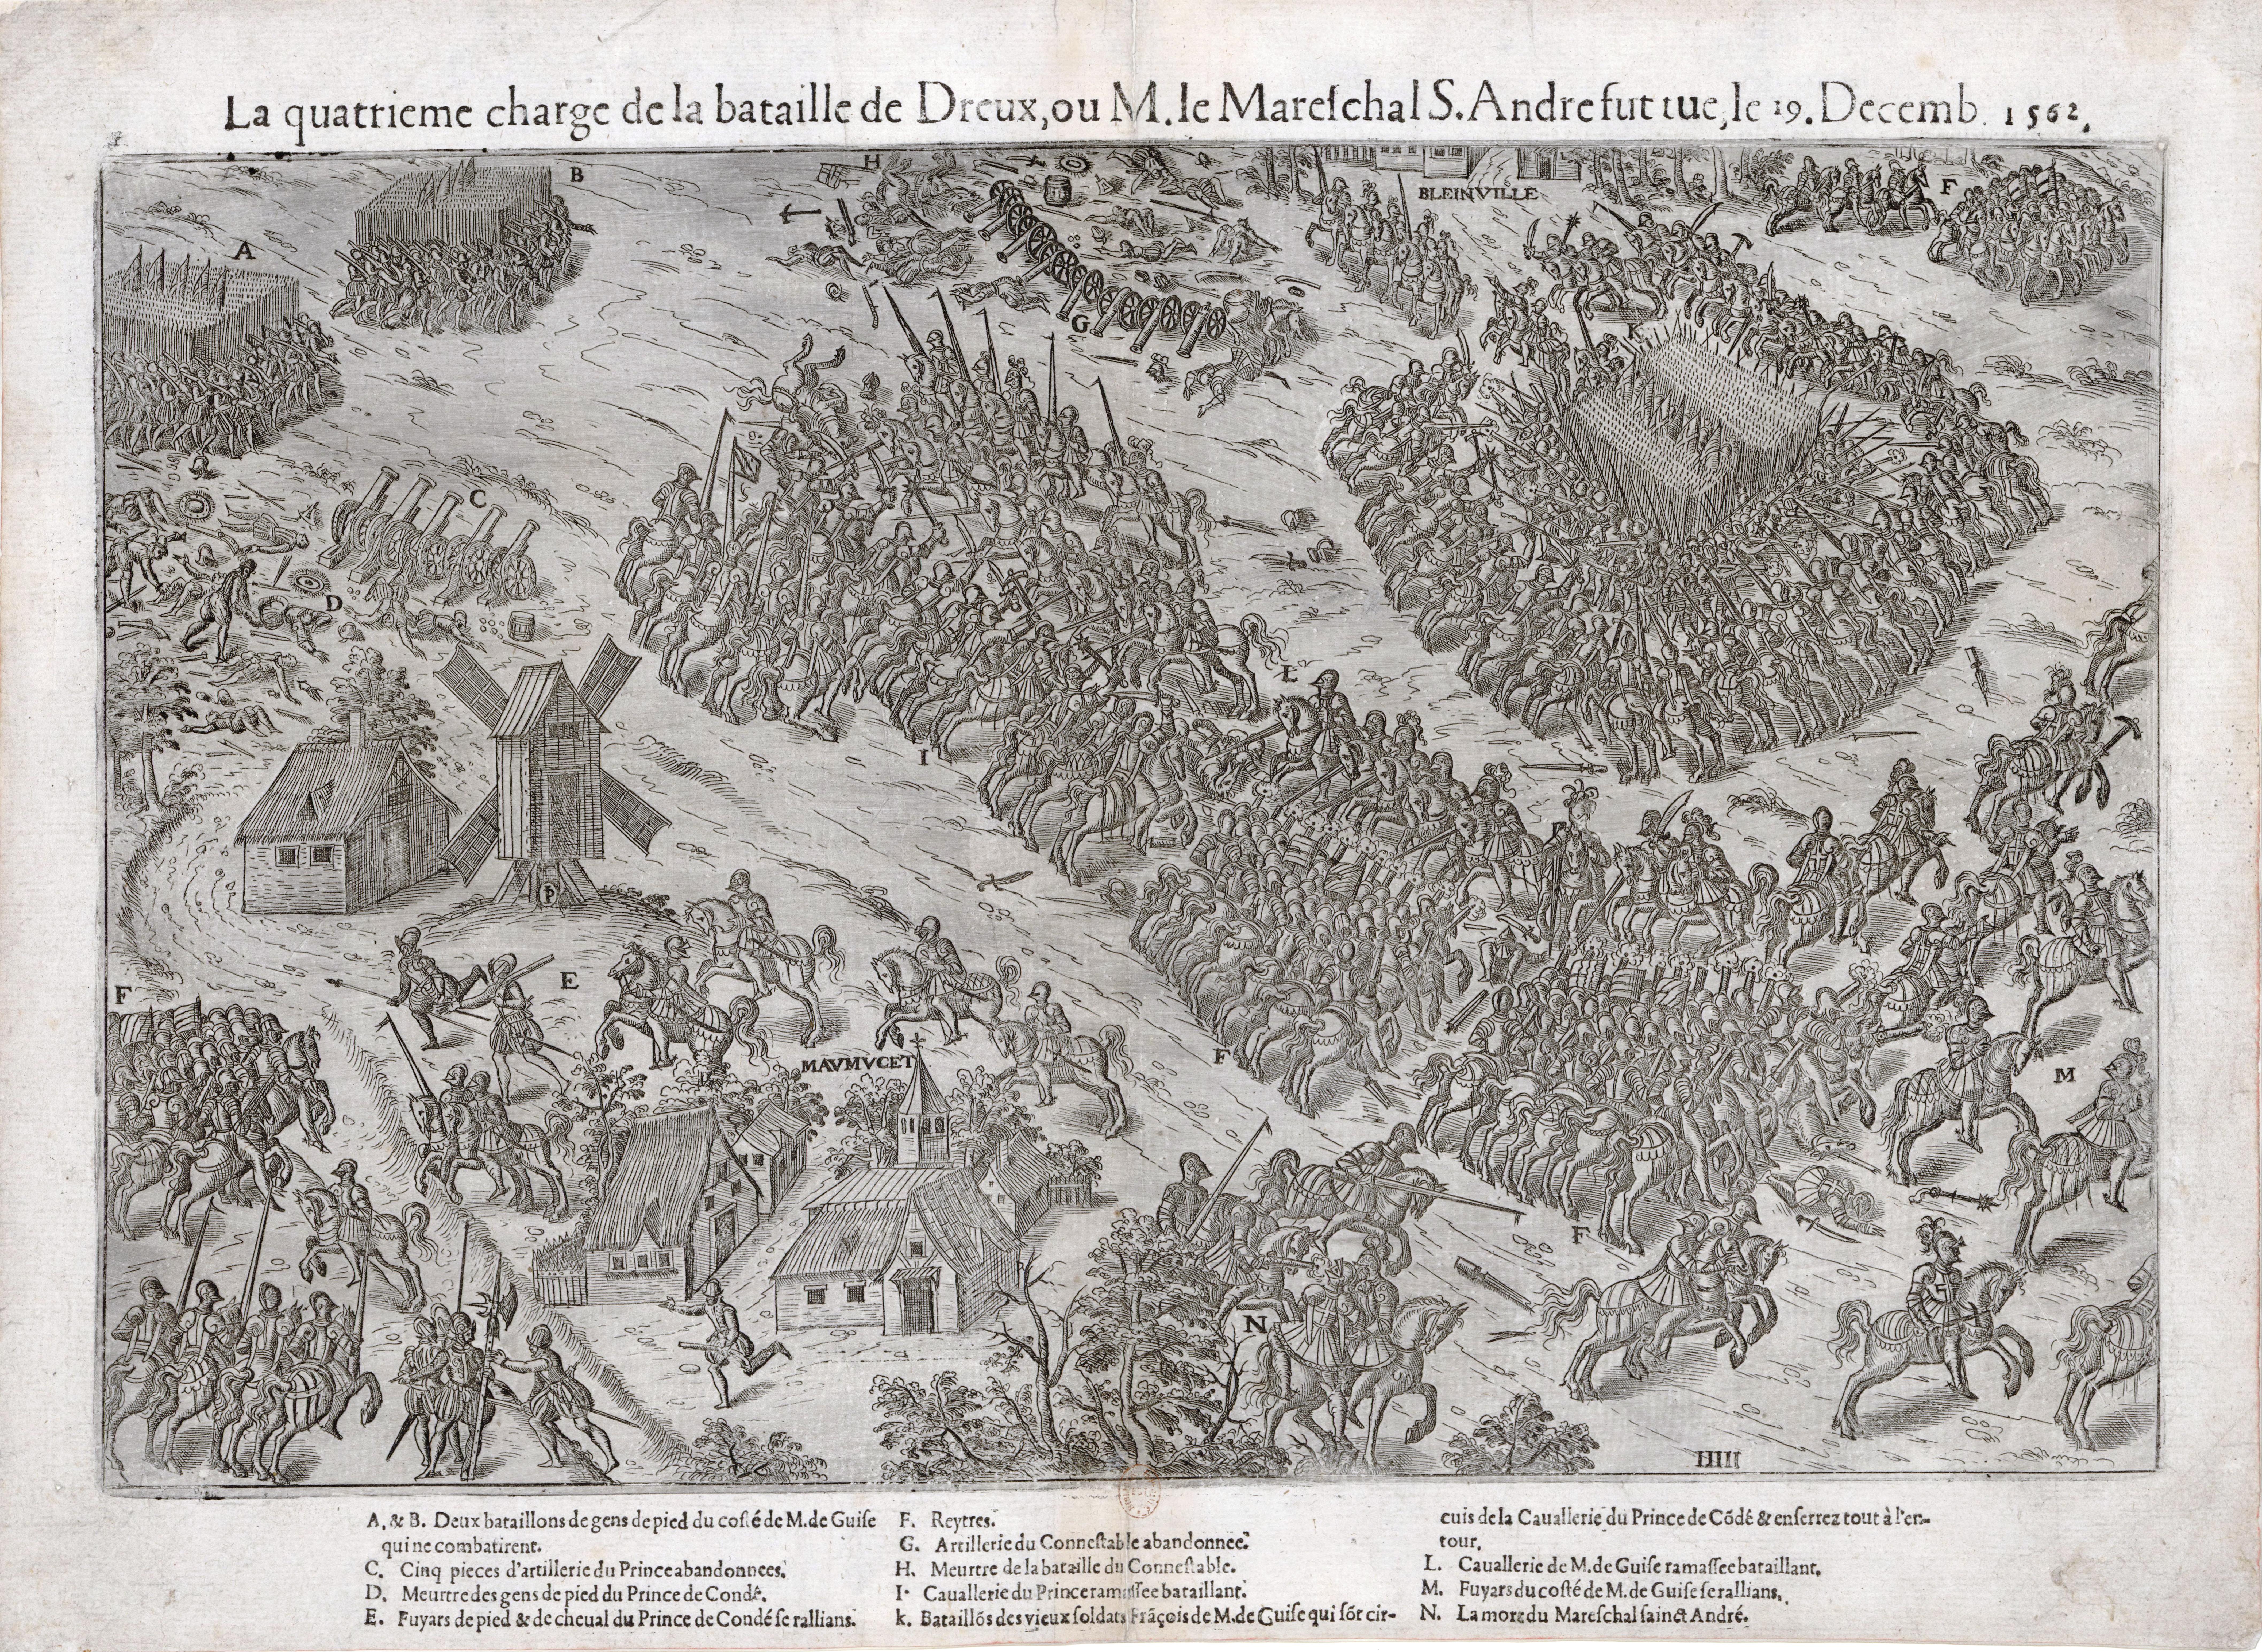 Les 4 Pieds Rouen battle of dreux - wikipedia